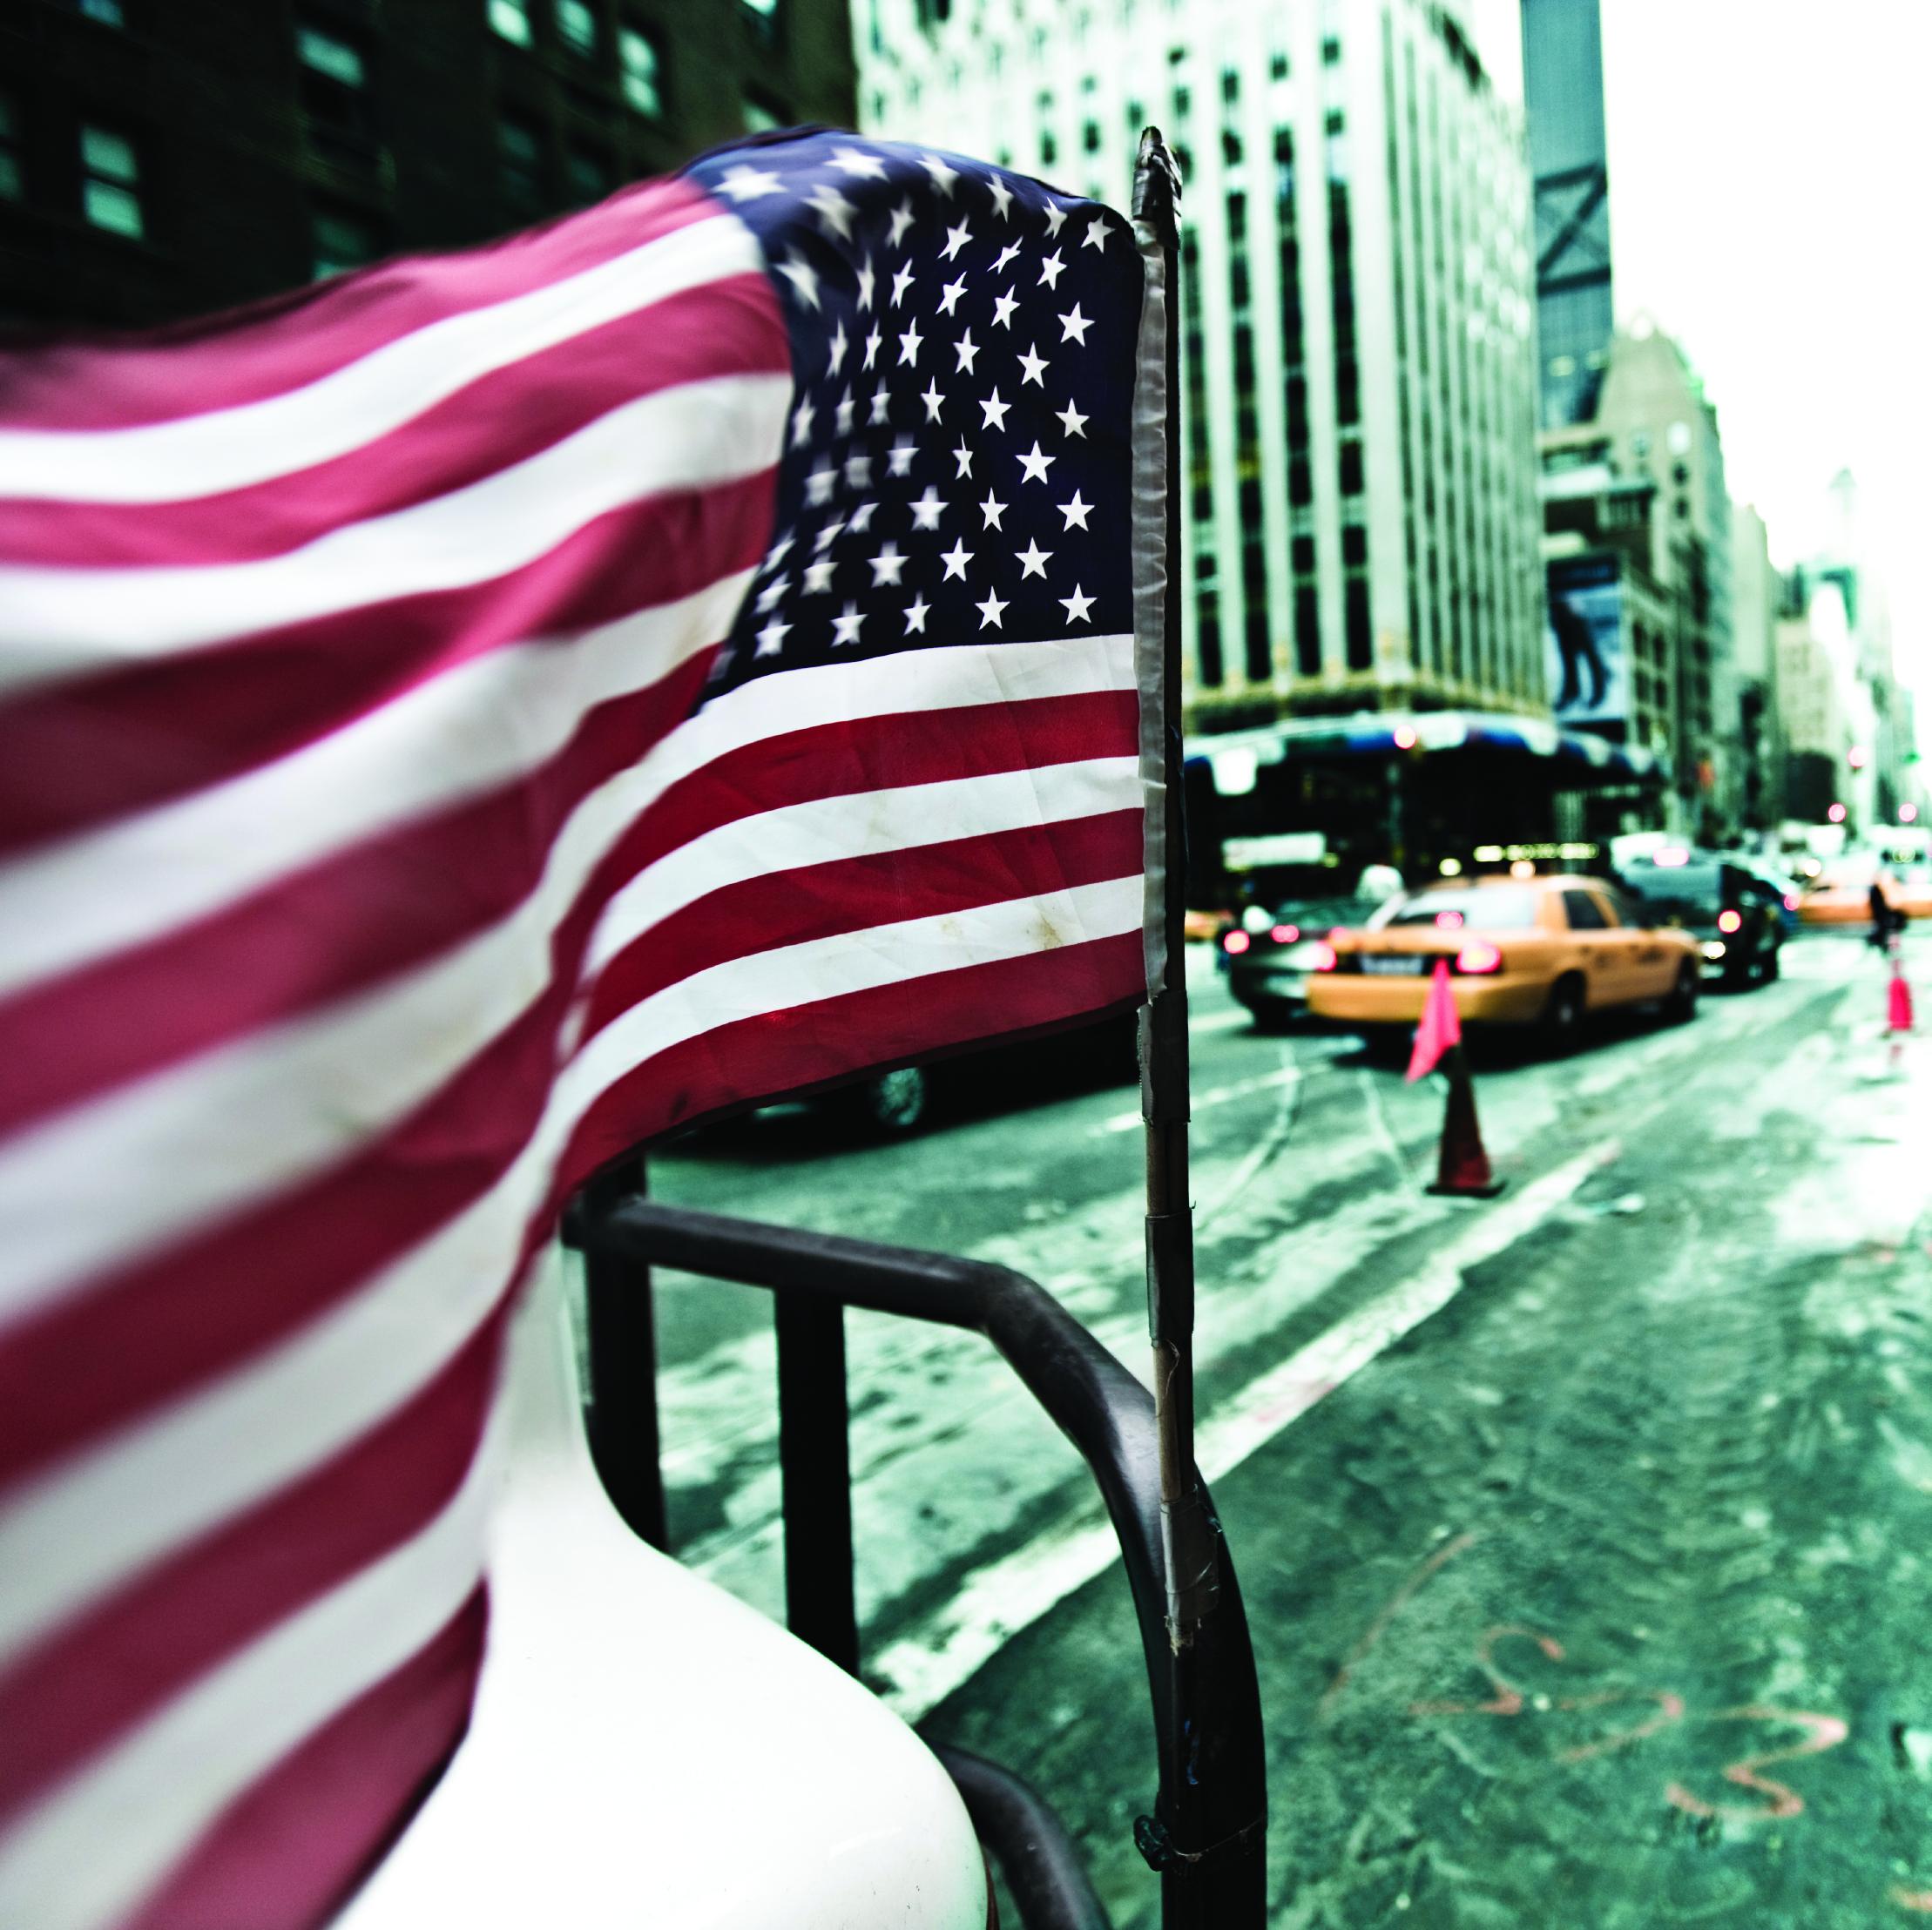 Top 7 US cities